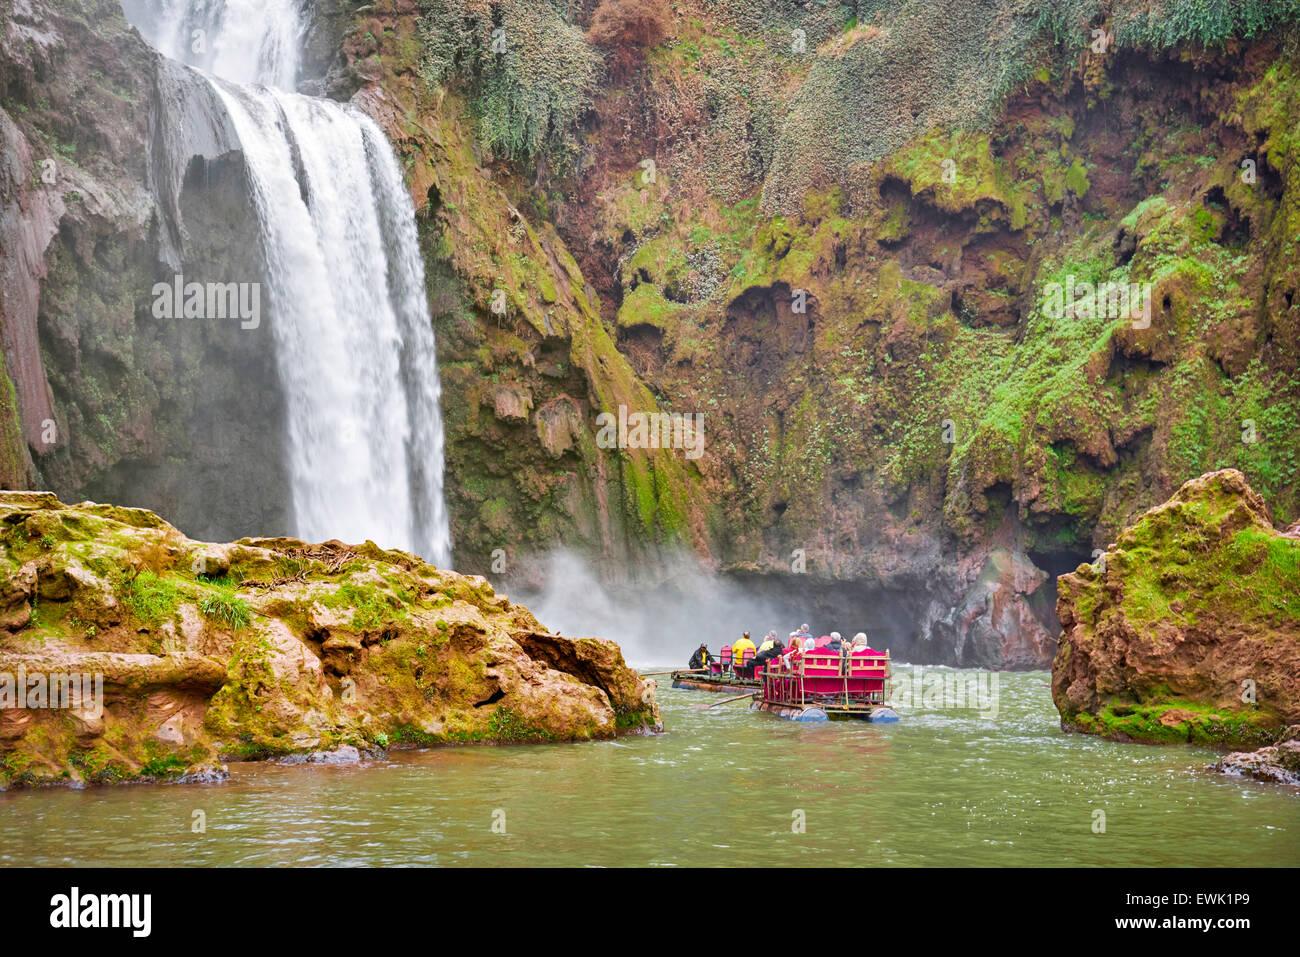 Escursione Cascate Ouzoud, Beni Mellal, Marocco, Africa Immagini Stock